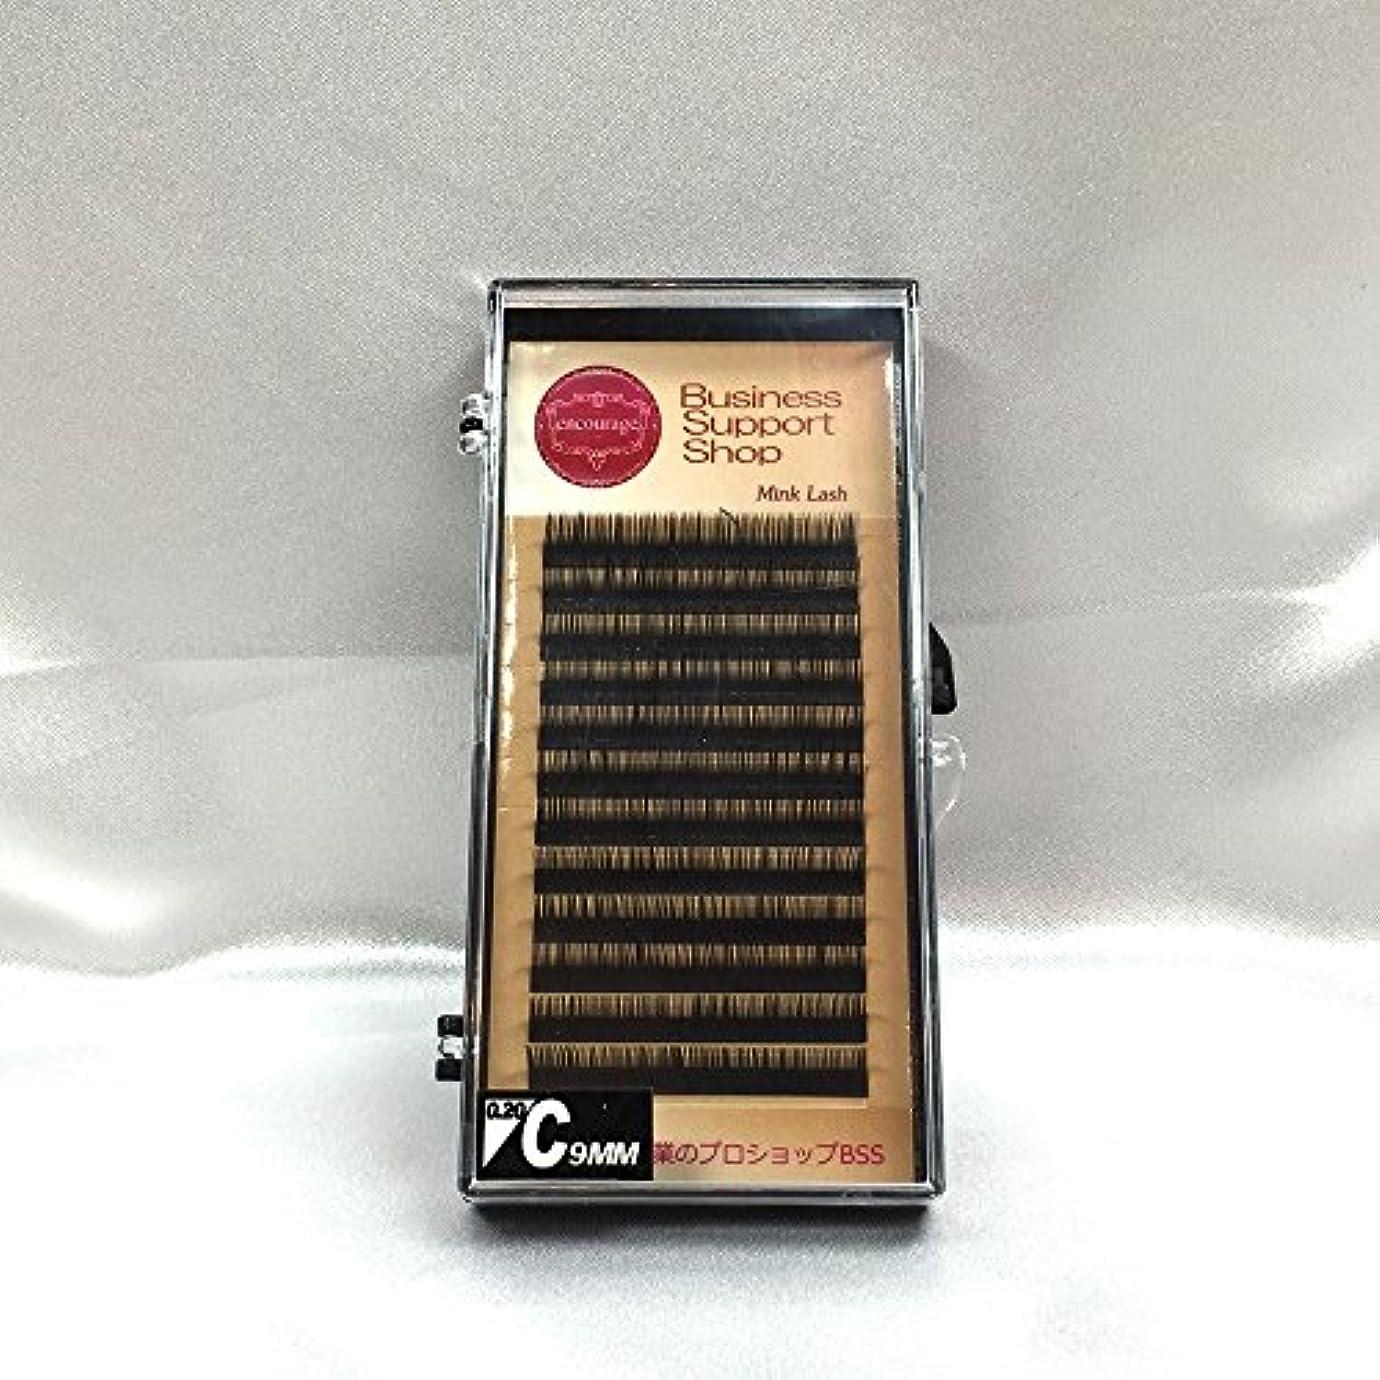 ちょうつがい自分のために旋律的まつげエクステ Cカール(太さ長さ指定) 高級ミンクまつげ 12列シートタイプ ケース入り (太0.20 長9mm)